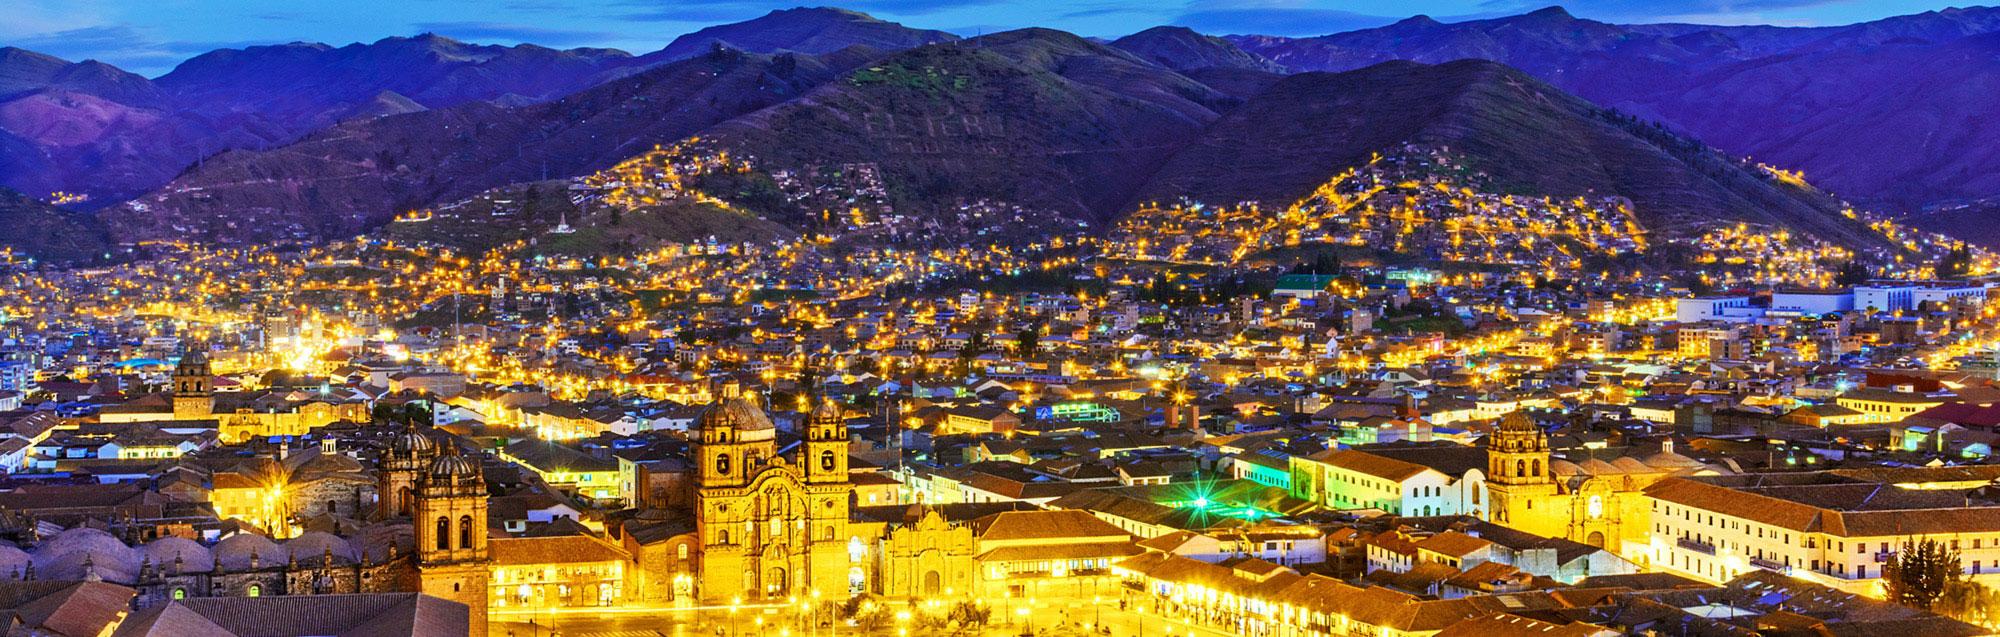 Sprachreise Cusco